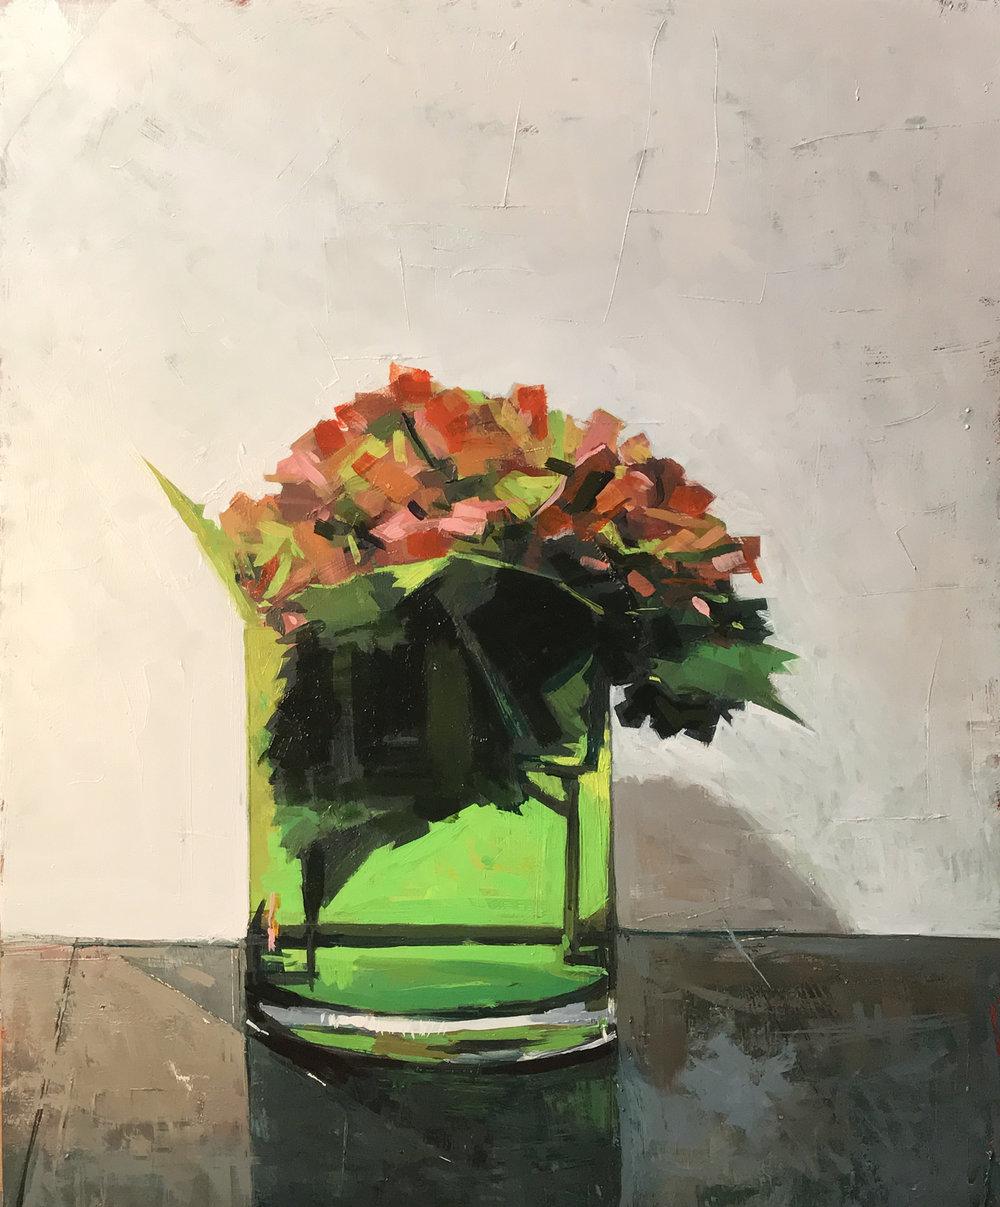 Green_Vase_Flower.jpg